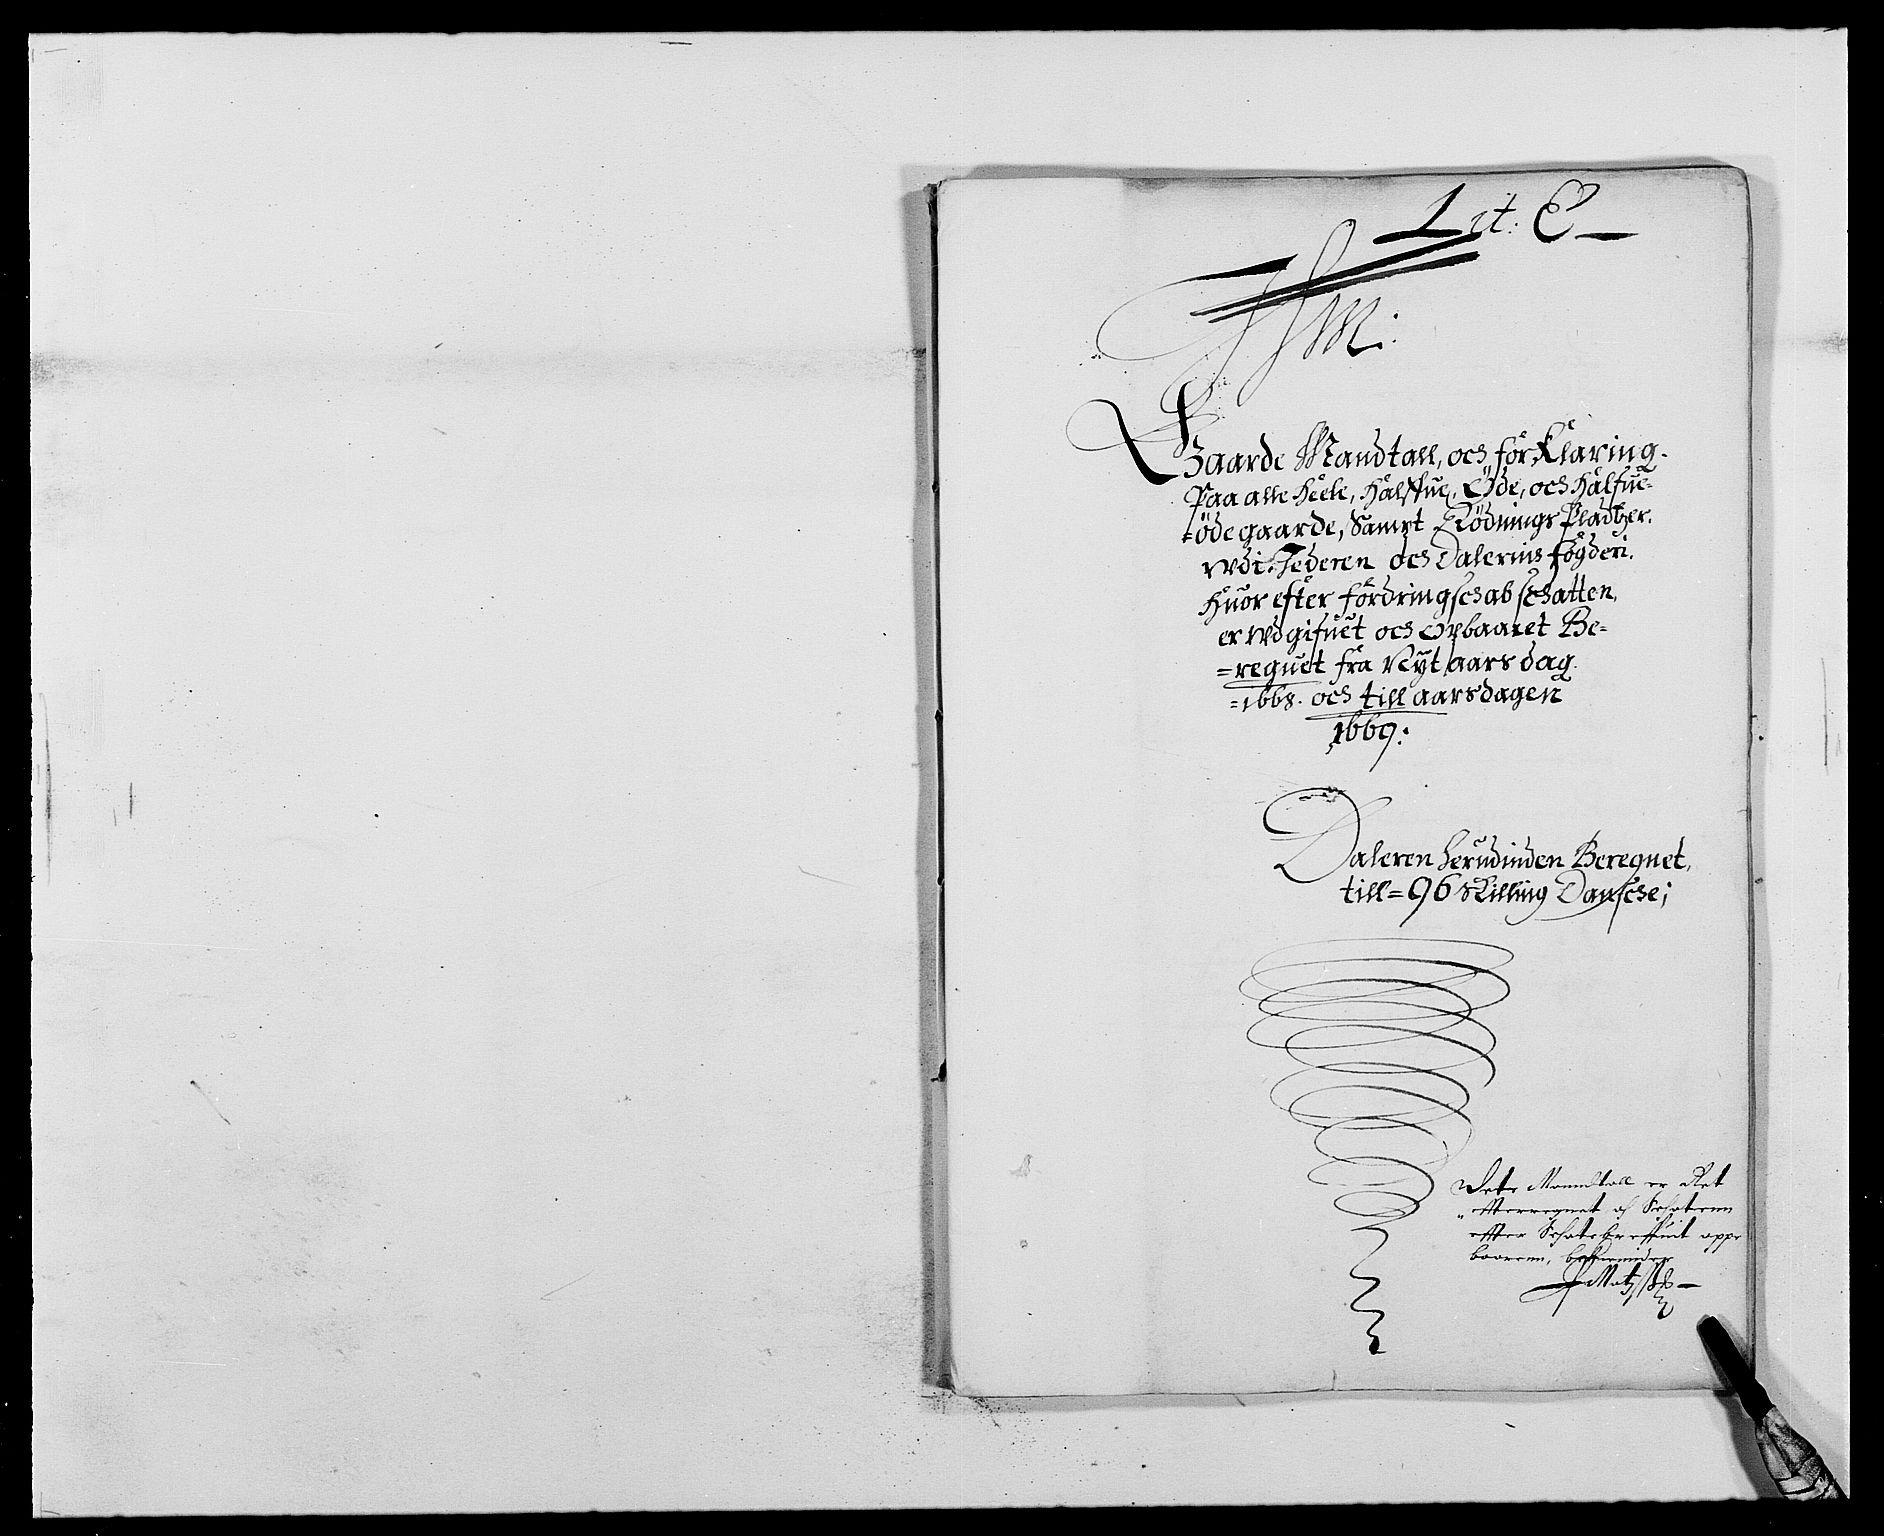 RA, Rentekammeret inntil 1814, Reviderte regnskaper, Fogderegnskap, R46/L2711: Fogderegnskap Jæren og Dalane, 1668-1670, s. 81